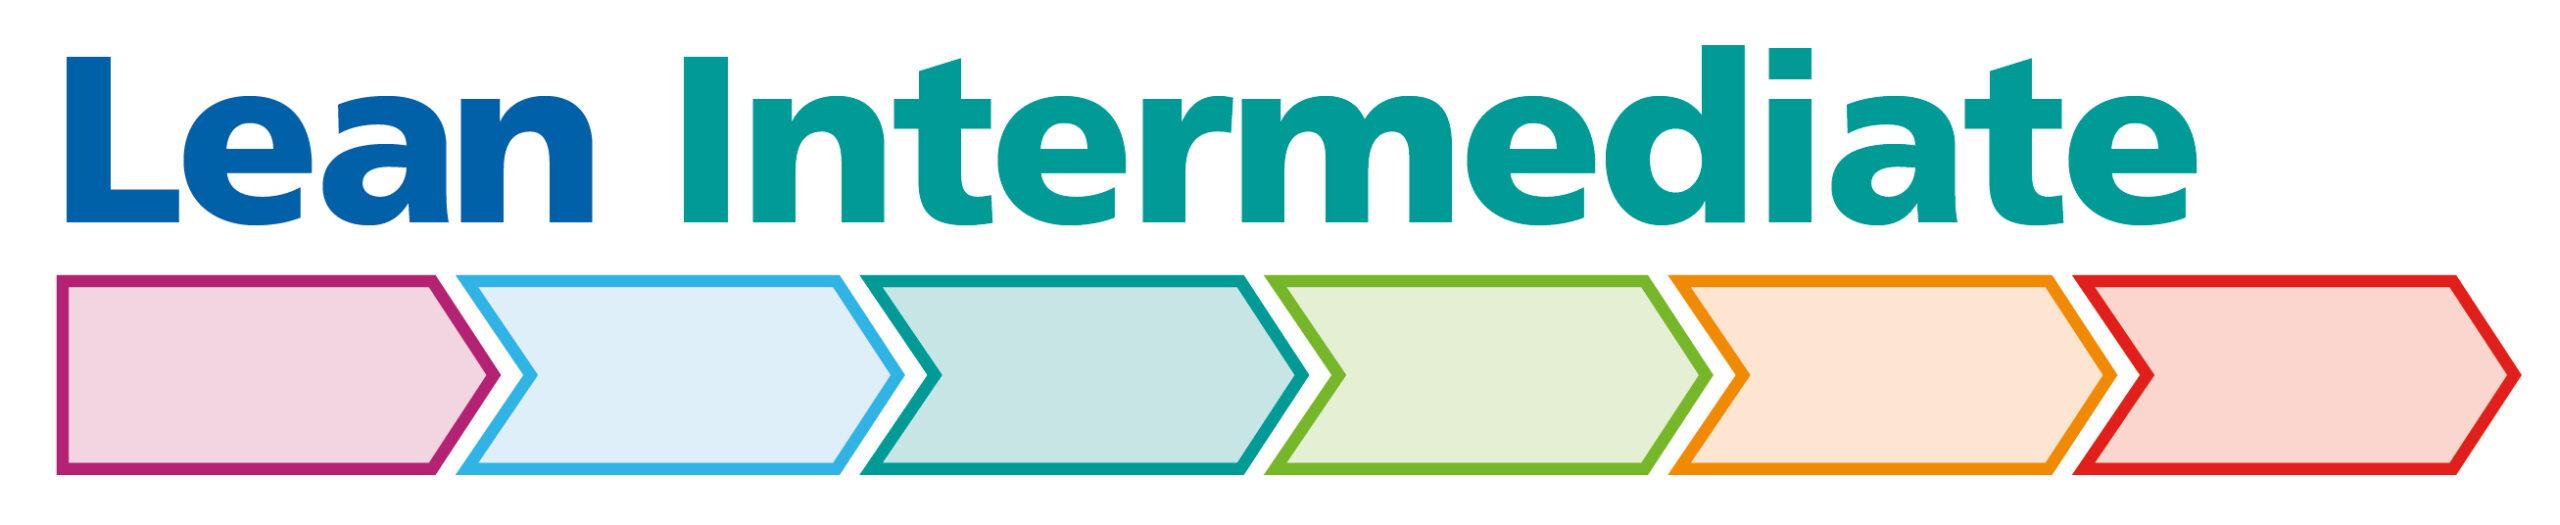 Lean intermediate online course arrows